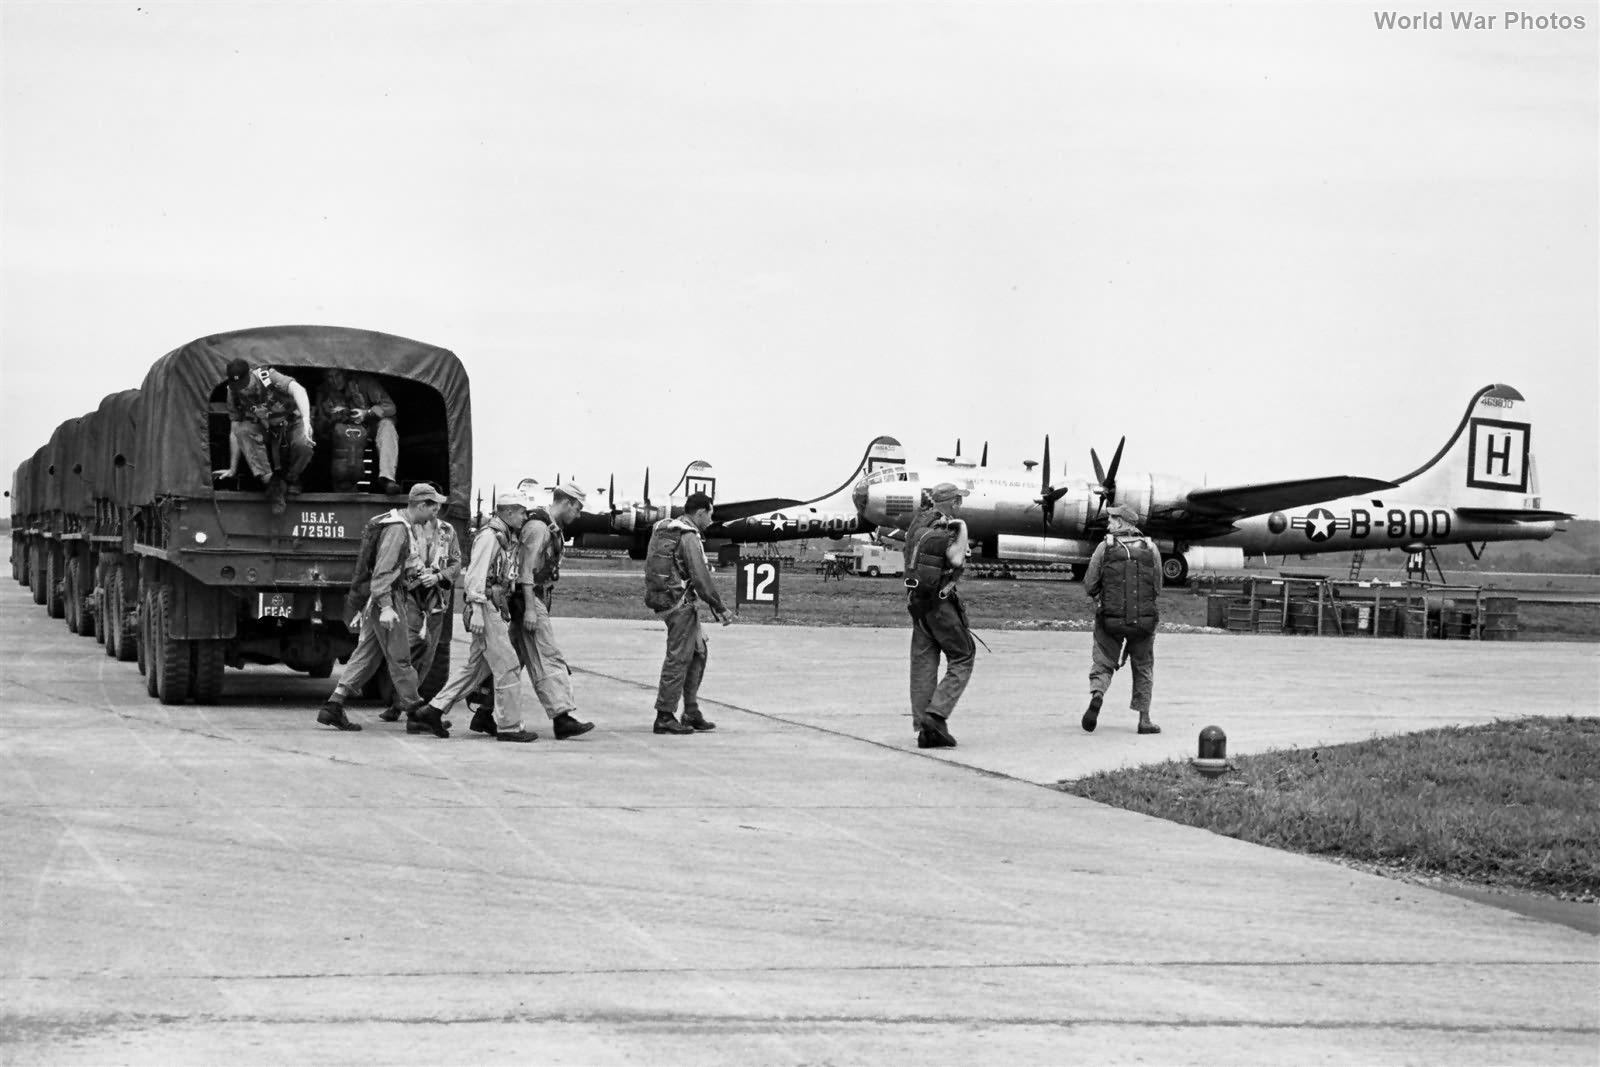 B-29 of the 98th BW Yokota Japan September 1951